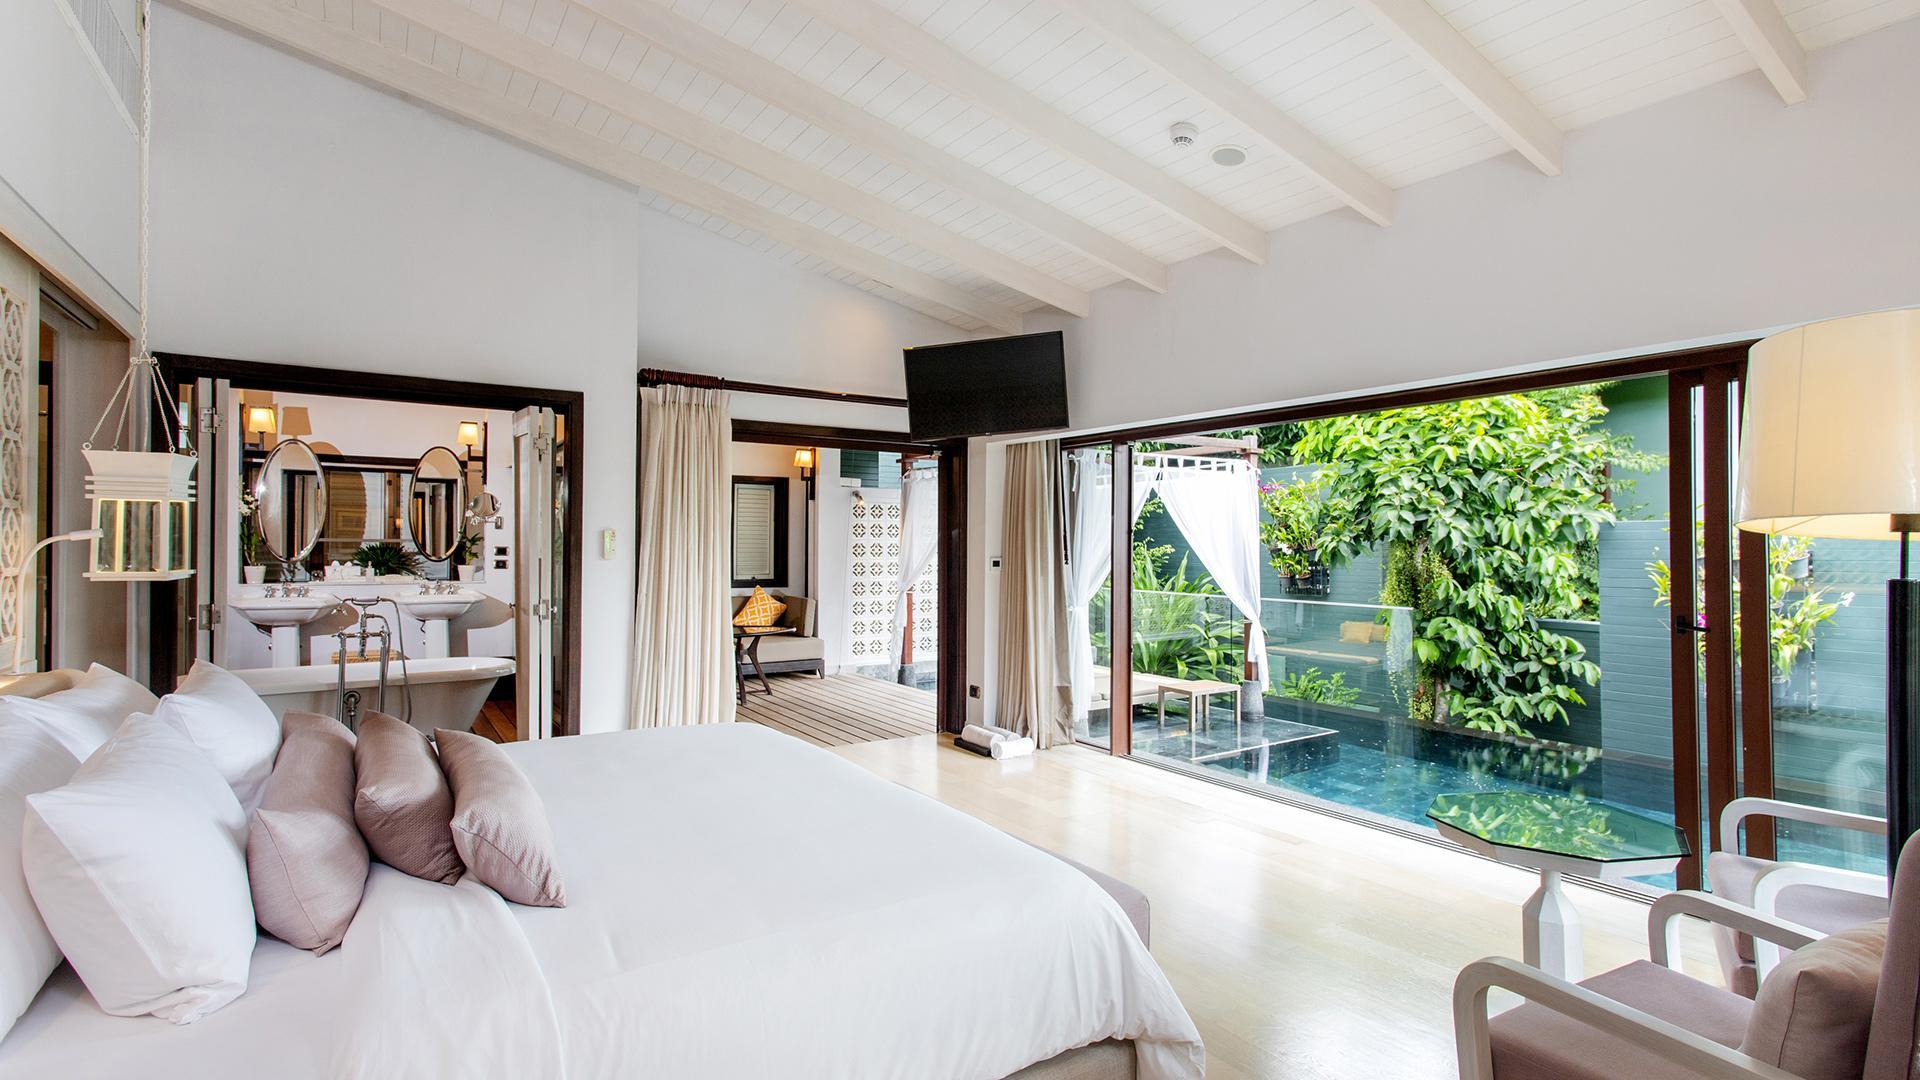 One Bedroom Pool Villa image 1 at The Shore at Katathani by Amphoe Mueang Phuket, Chang Wat Phuket, Thailand